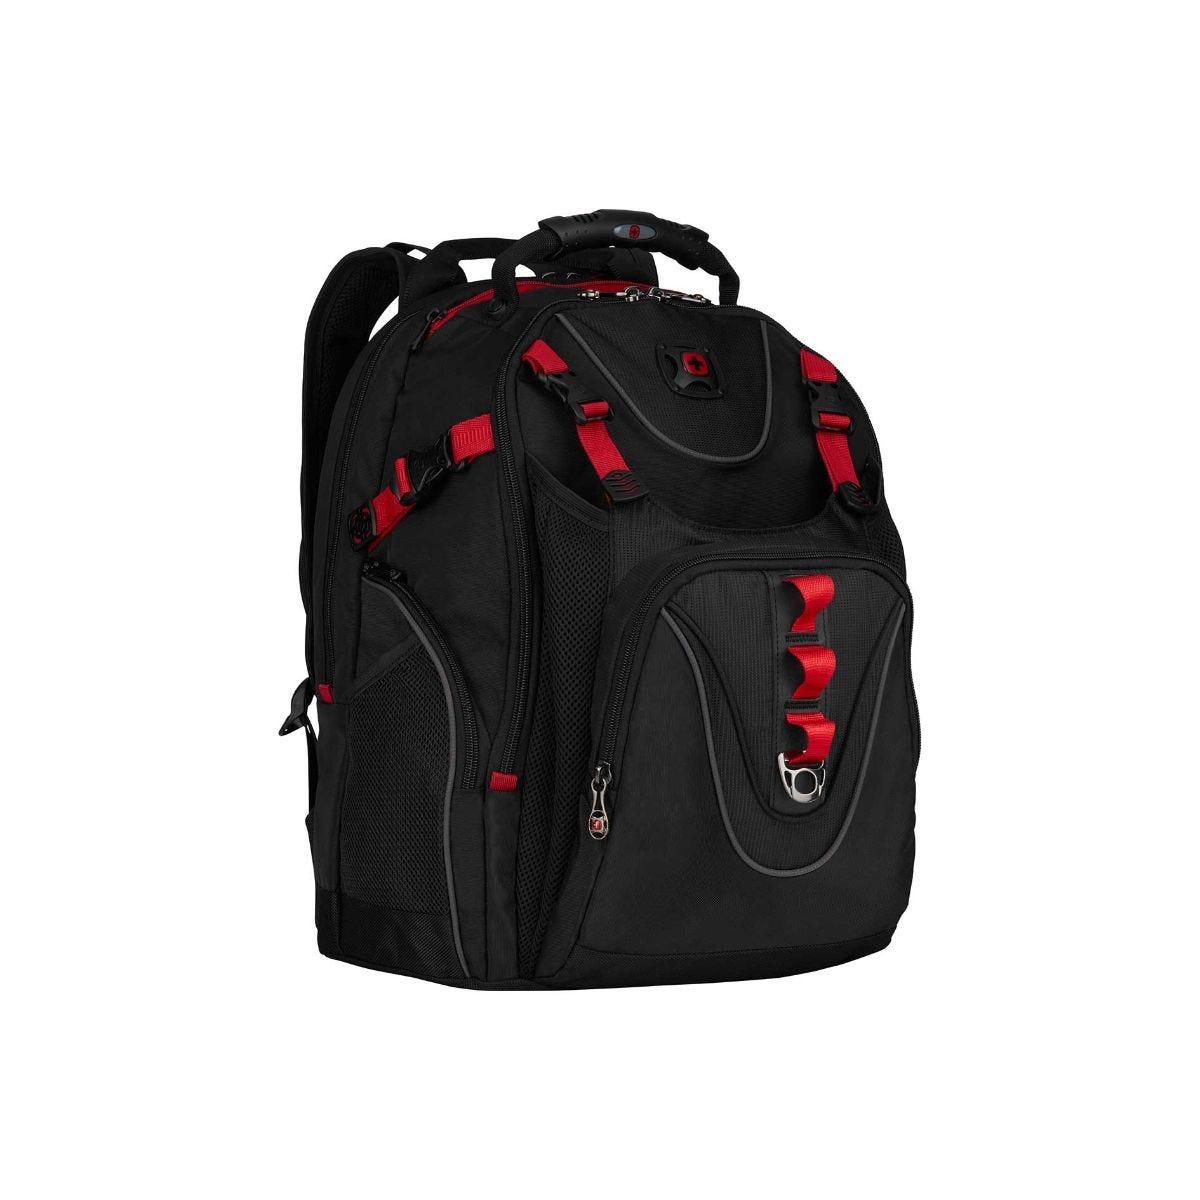 5b561a696708b Wenger Maxxum Laptop Backpack 16 inch 2 2 sur 3 Voir Plus